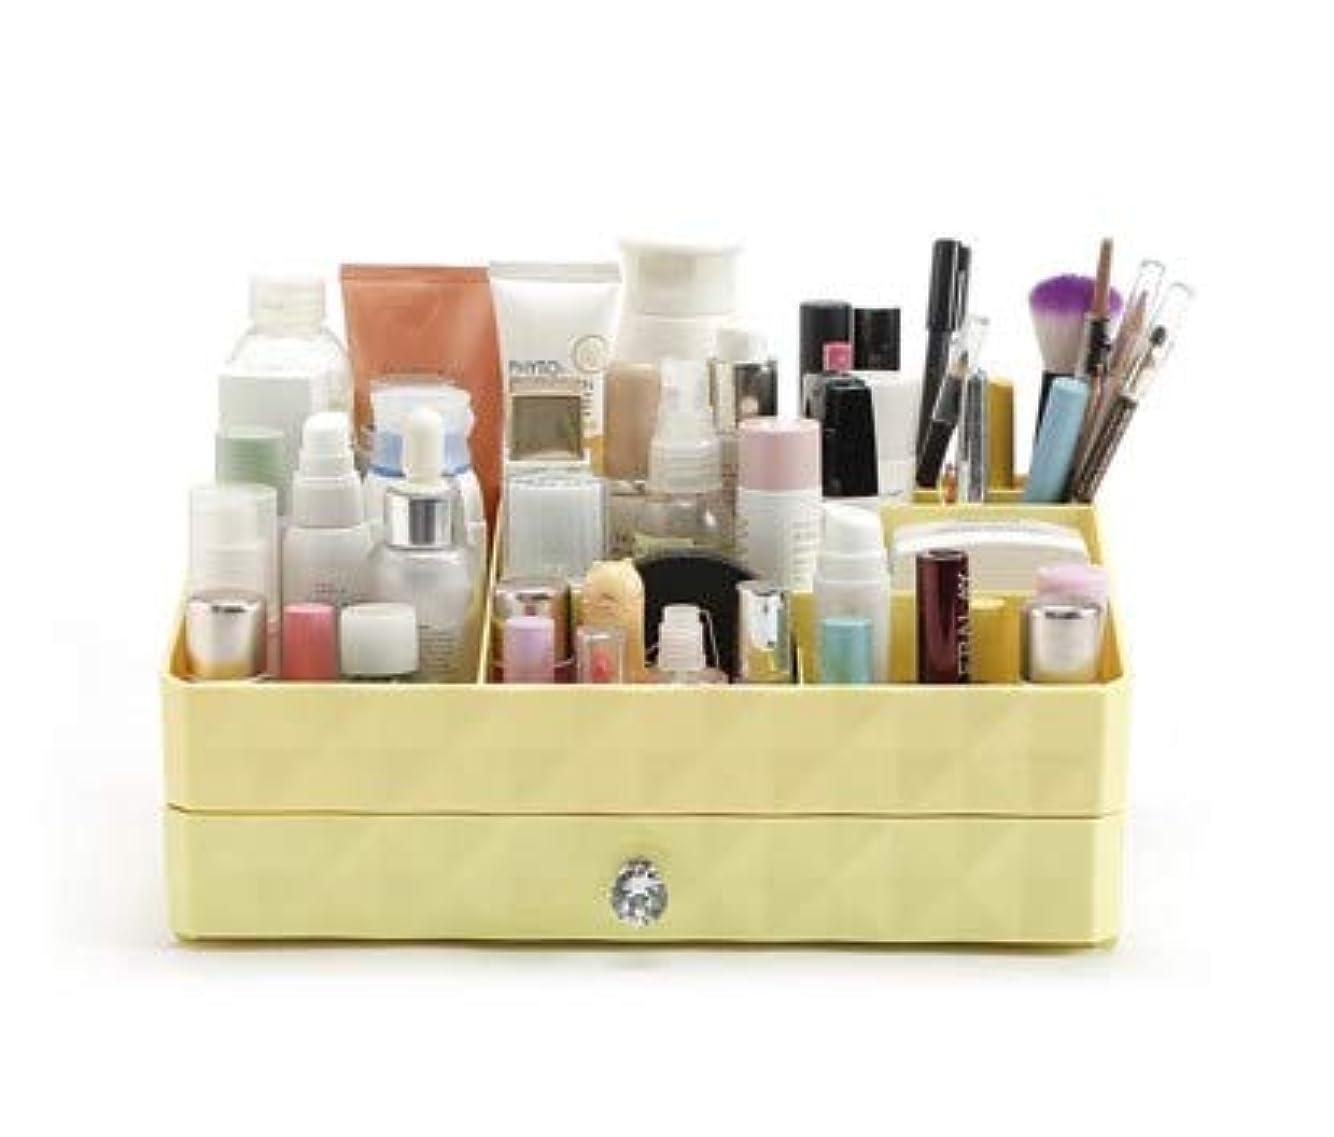 頬骨遊び場書誌引き出し型化粧品収納ボックス家庭用ドレッサープラスチック大型ジュエリー収納ボックス (Color : Yellow)